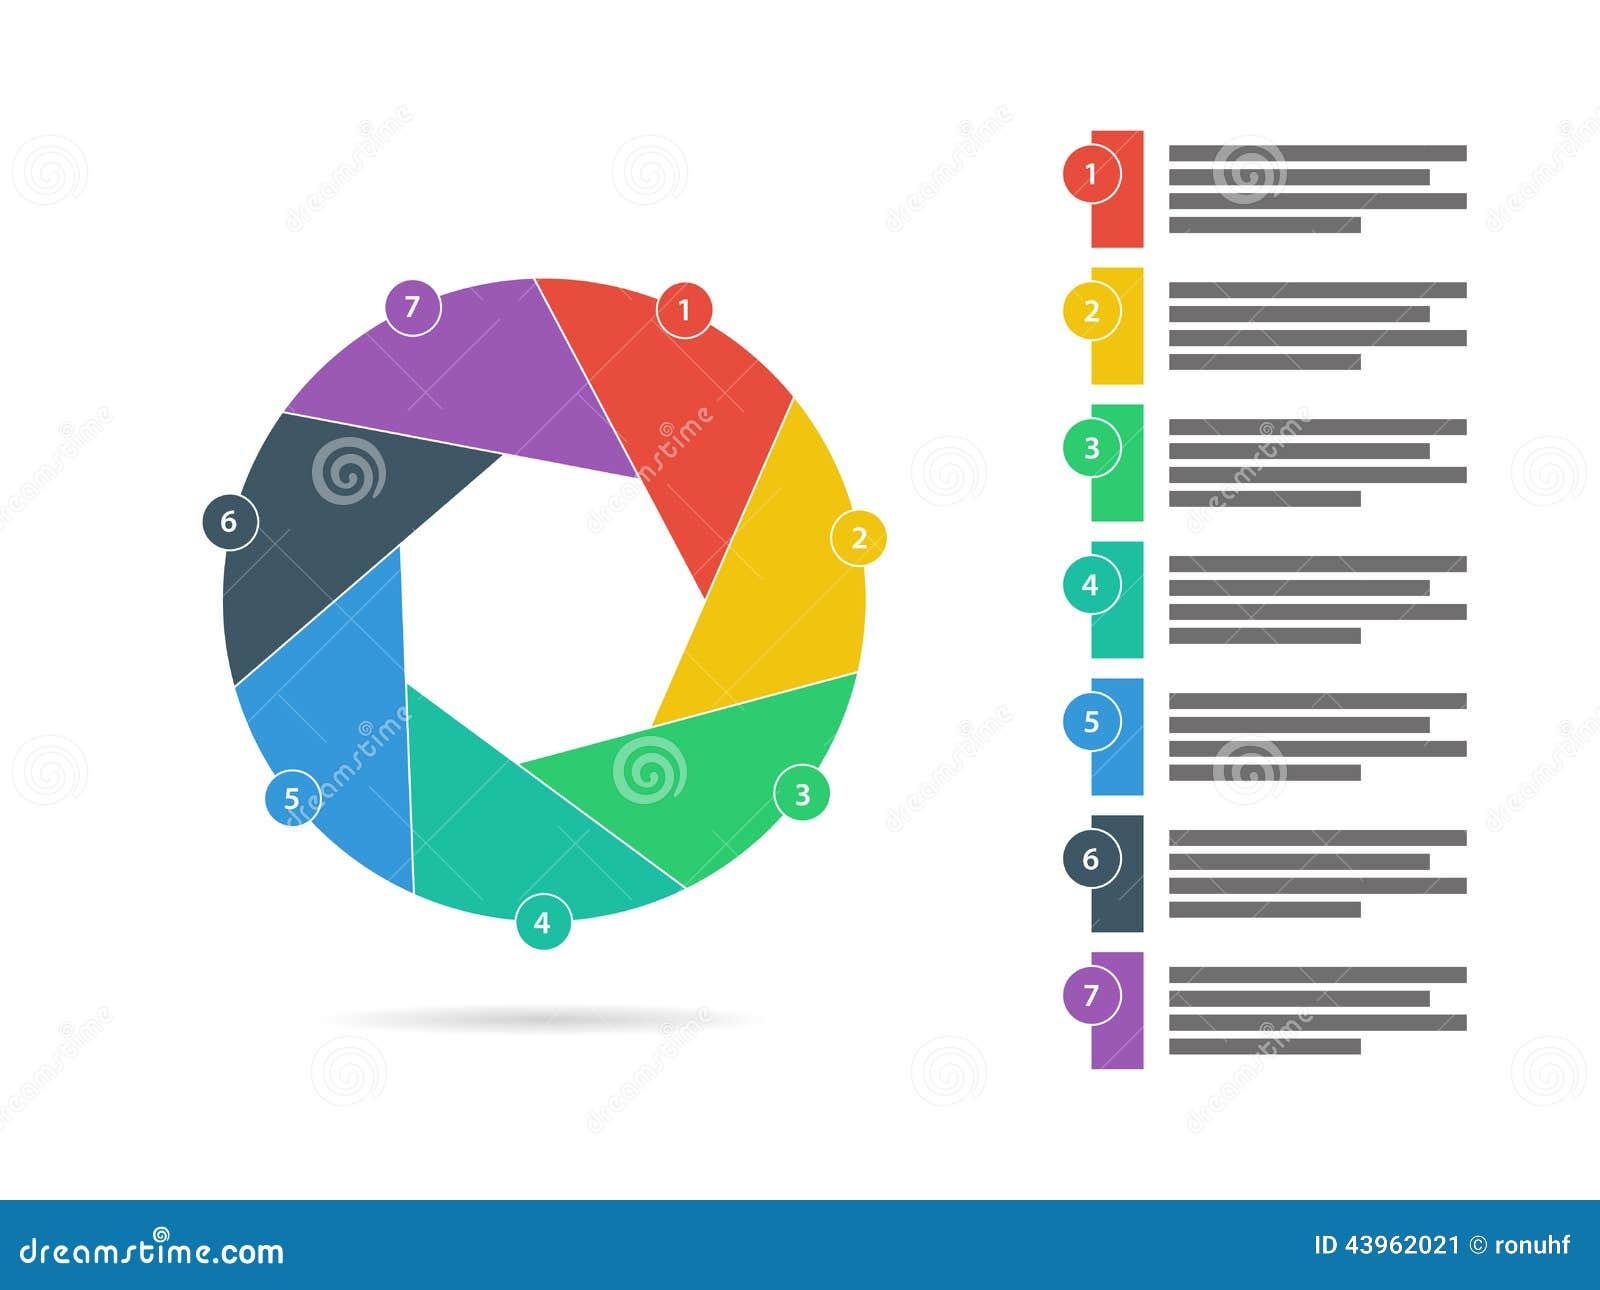 Ζωηρόχρωμο επτά πλαισιωμένο επίπεδο παραθυρόφυλλων γρίφων διάνυσμα διαγραμμάτων διαγραμμάτων παρουσίασης infographic